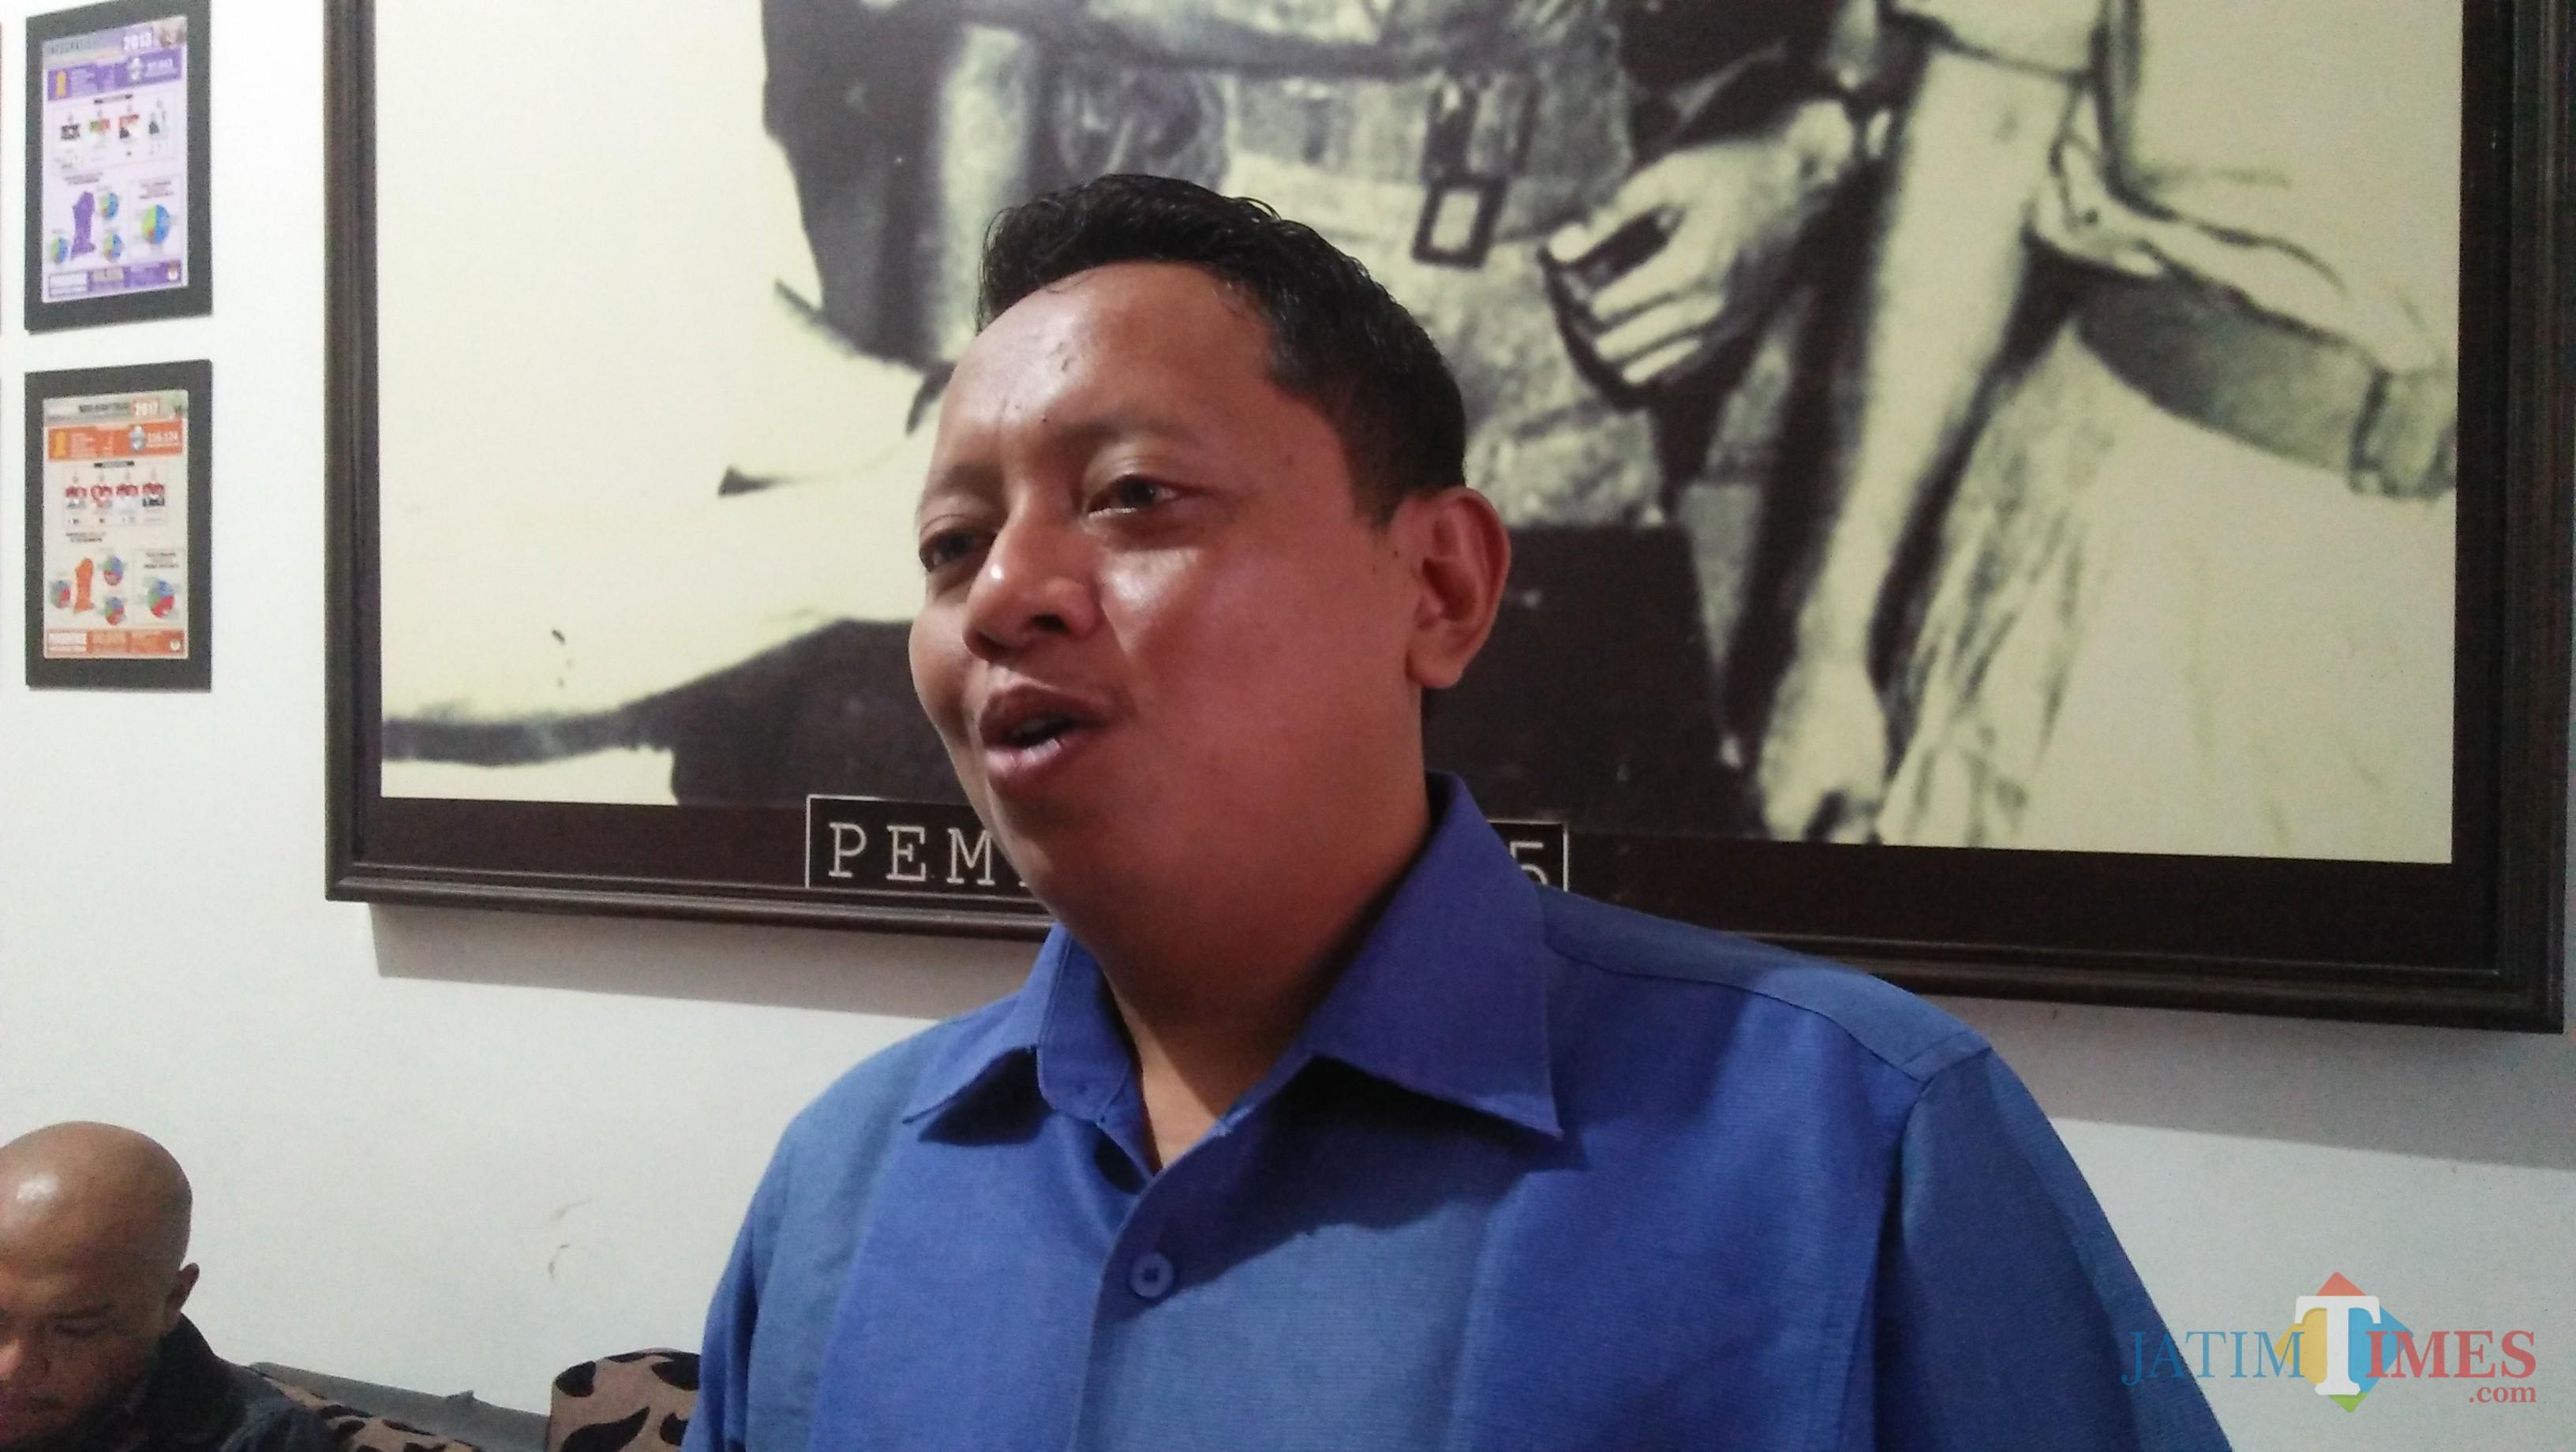 Syaifudin Zuhri, Ketua Komisi Pemilihan Umum Kota Batu (Luqmanul Hakim/Malang Times)